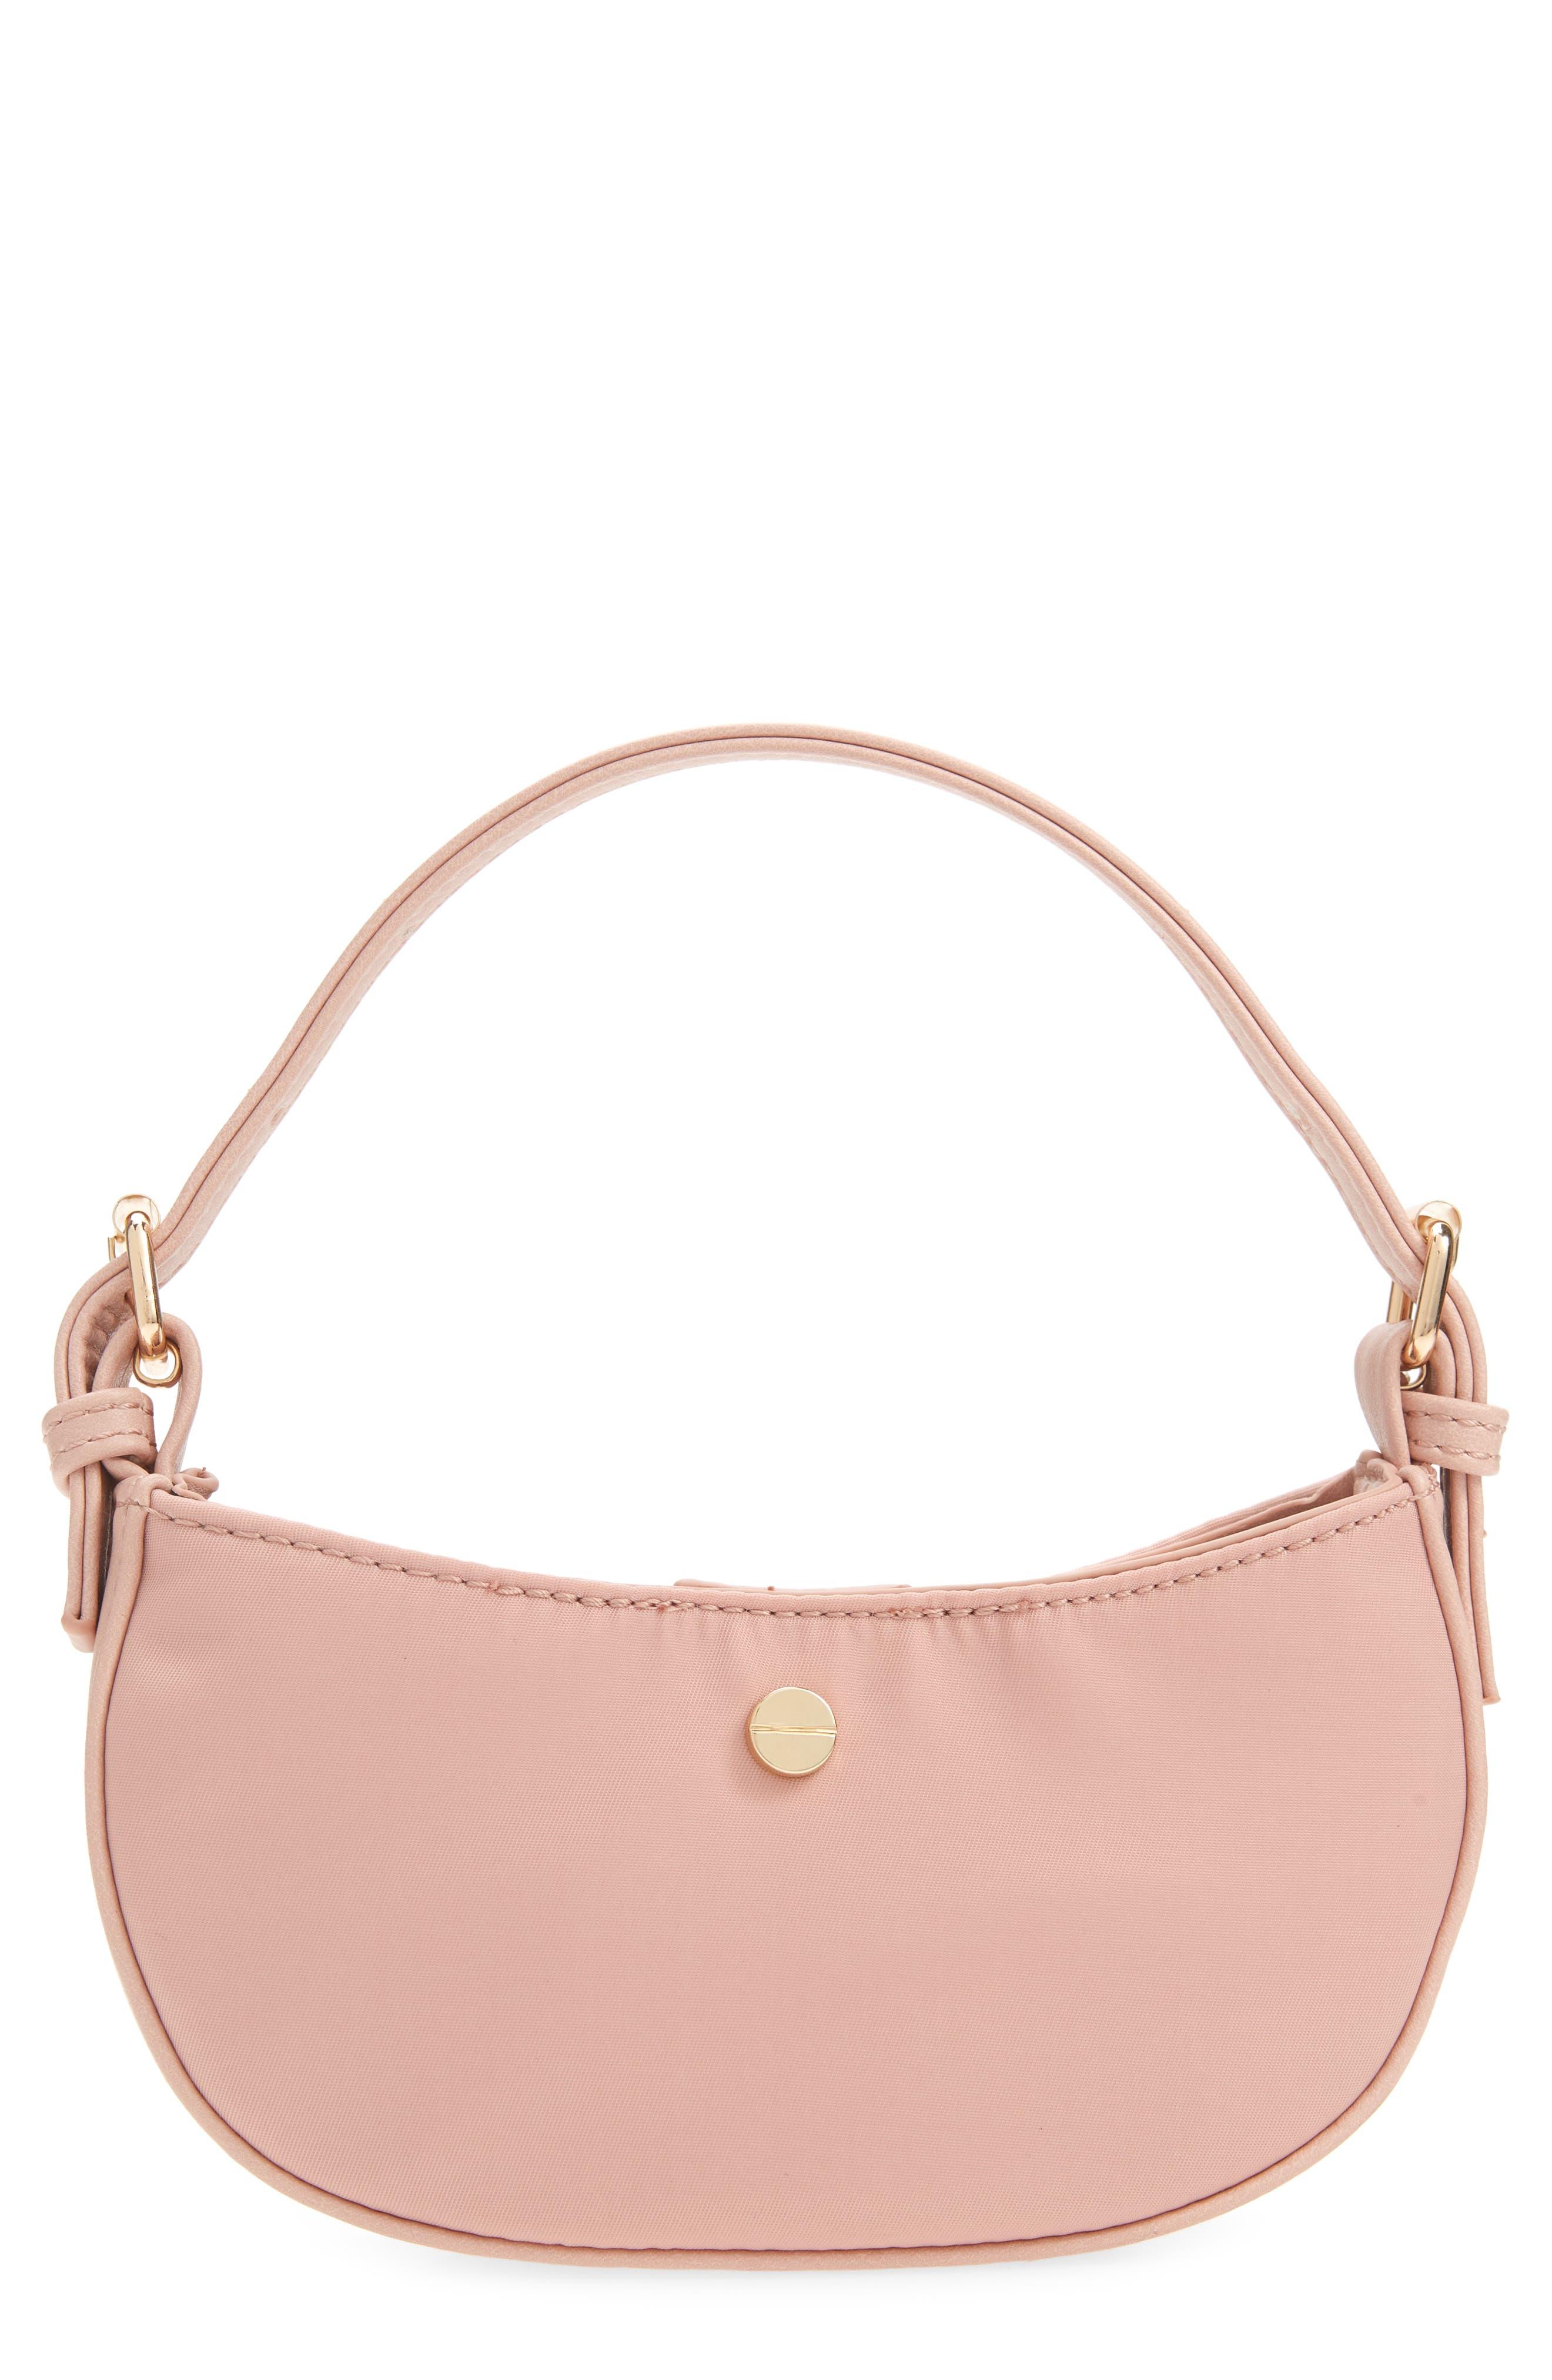 Mali + Lili Mini Nylon Baguette Bag